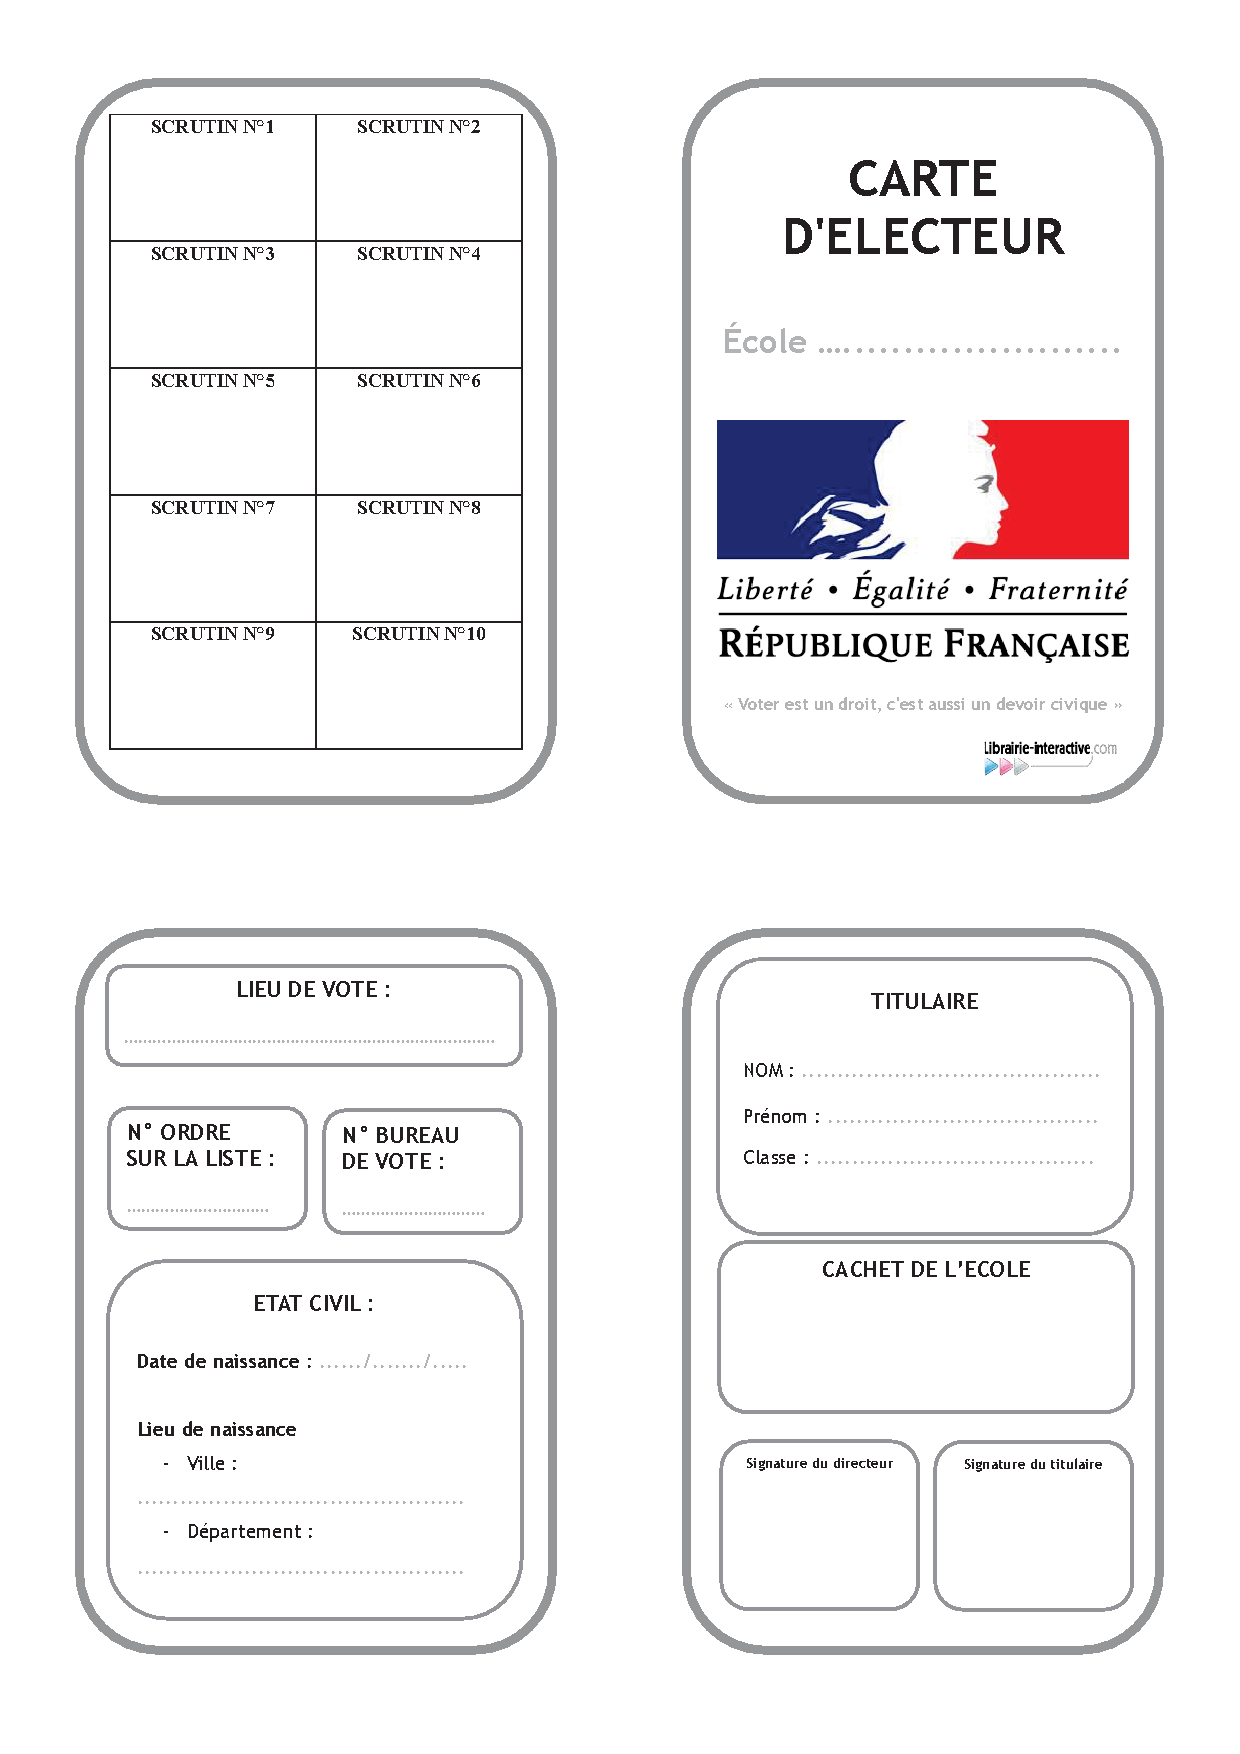 Une Carte D'électeur Pour Organiser Les Élections À L'école intérieur Argent Factice À Imprimer